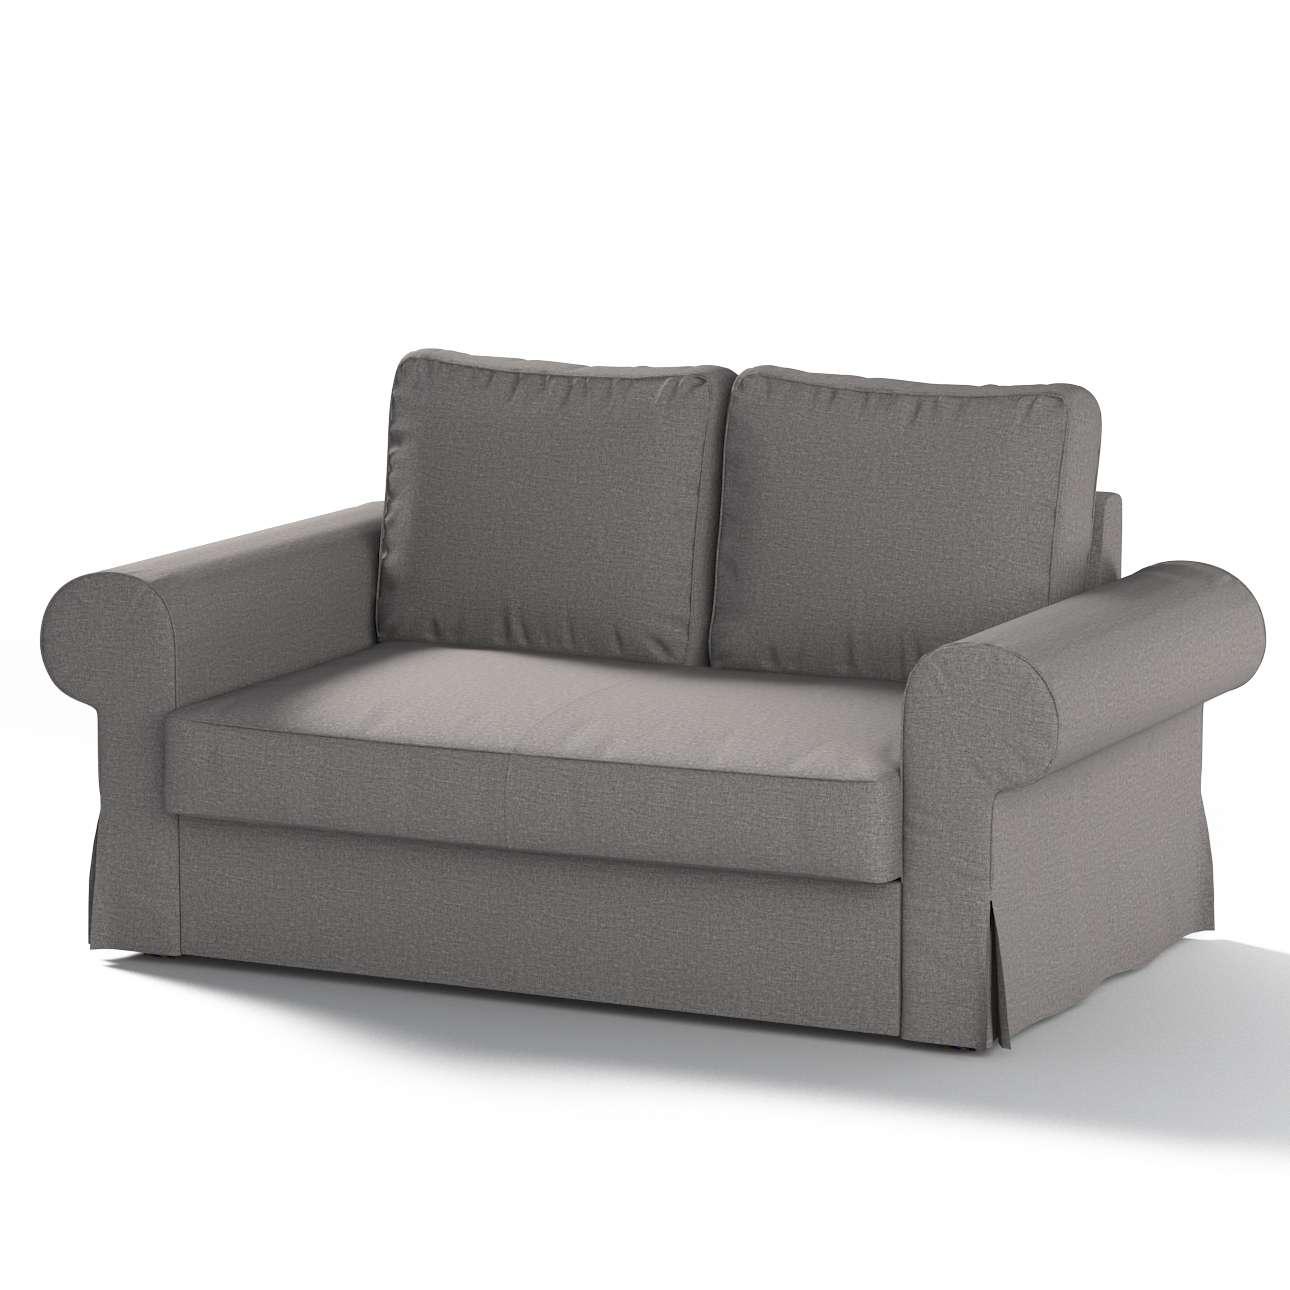 Pokrowiec na sofę Backabro 2-osobową rozkładaną w kolekcji Edinburgh, tkanina: 115-81